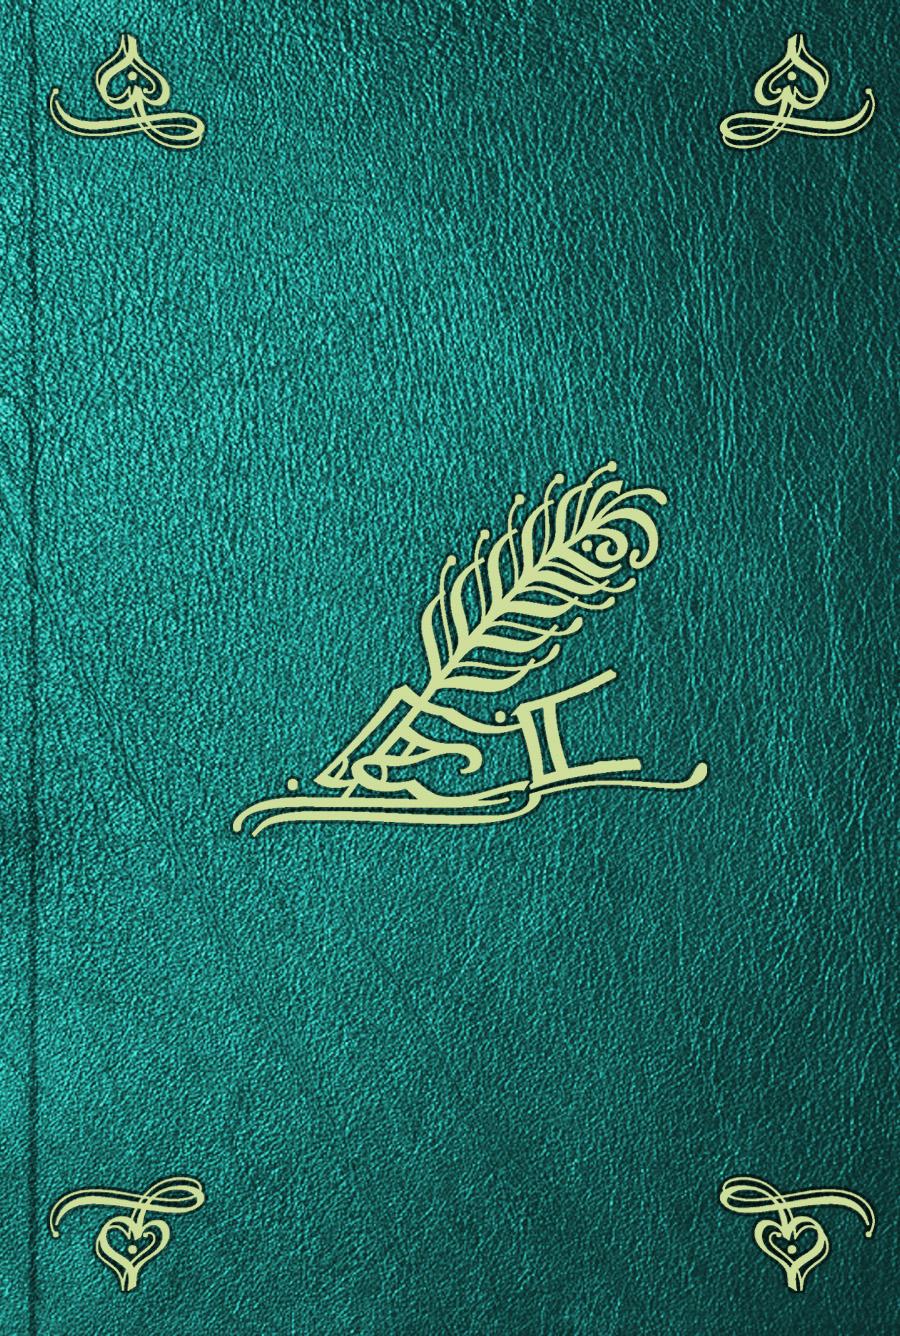 Elisa von der Recke Tagebuch einer Reise durch einen Theil Deutschlands und durch Italien in den Jahren 1804 bis 1806. Bd. 1 hermann von staff der befreiungs krieg der katalonier in den jahren 1808 bis 1814 t 2